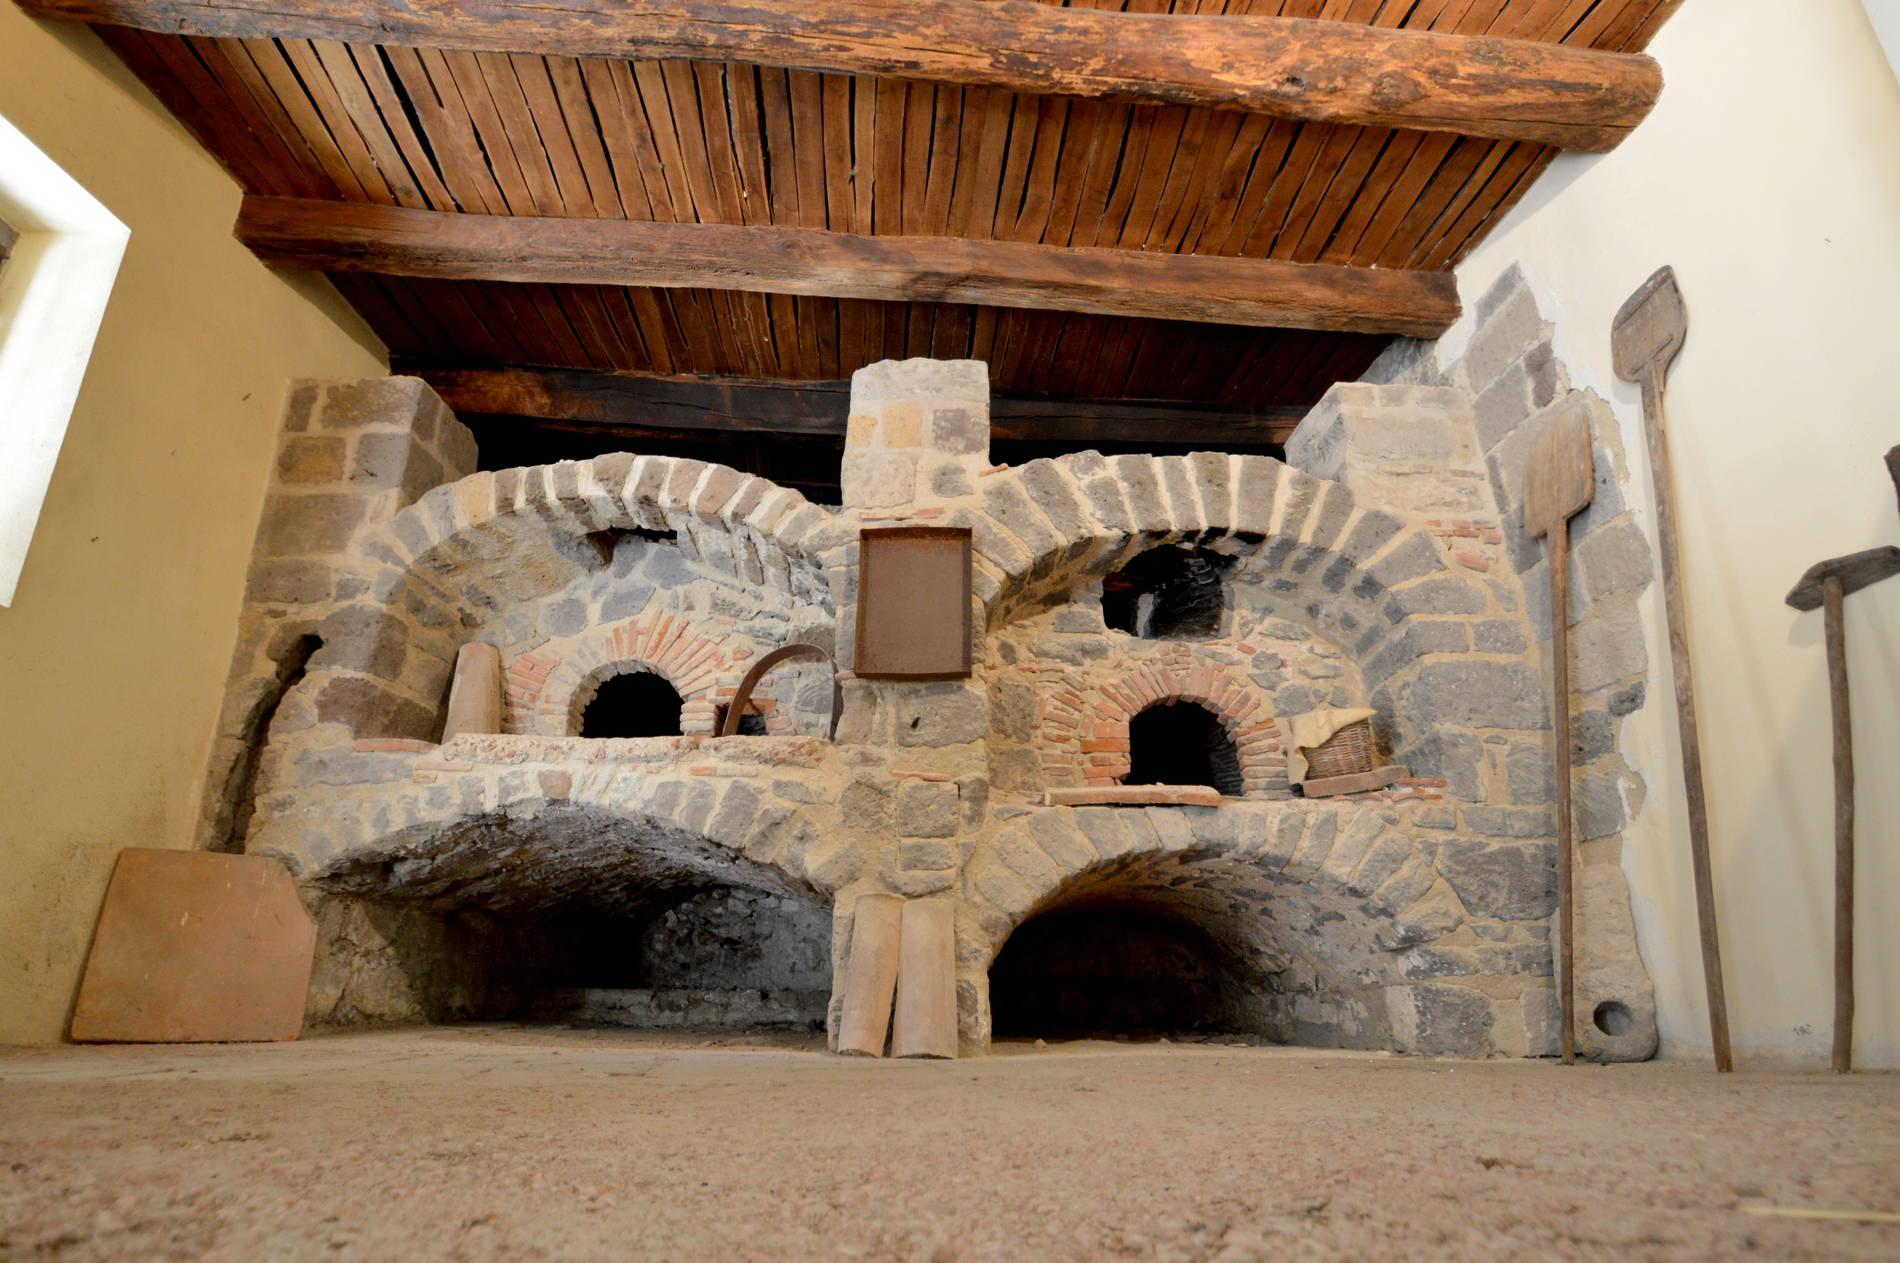 Antichi forni a legna (foto dell'archivio fotografico guideslow.it)